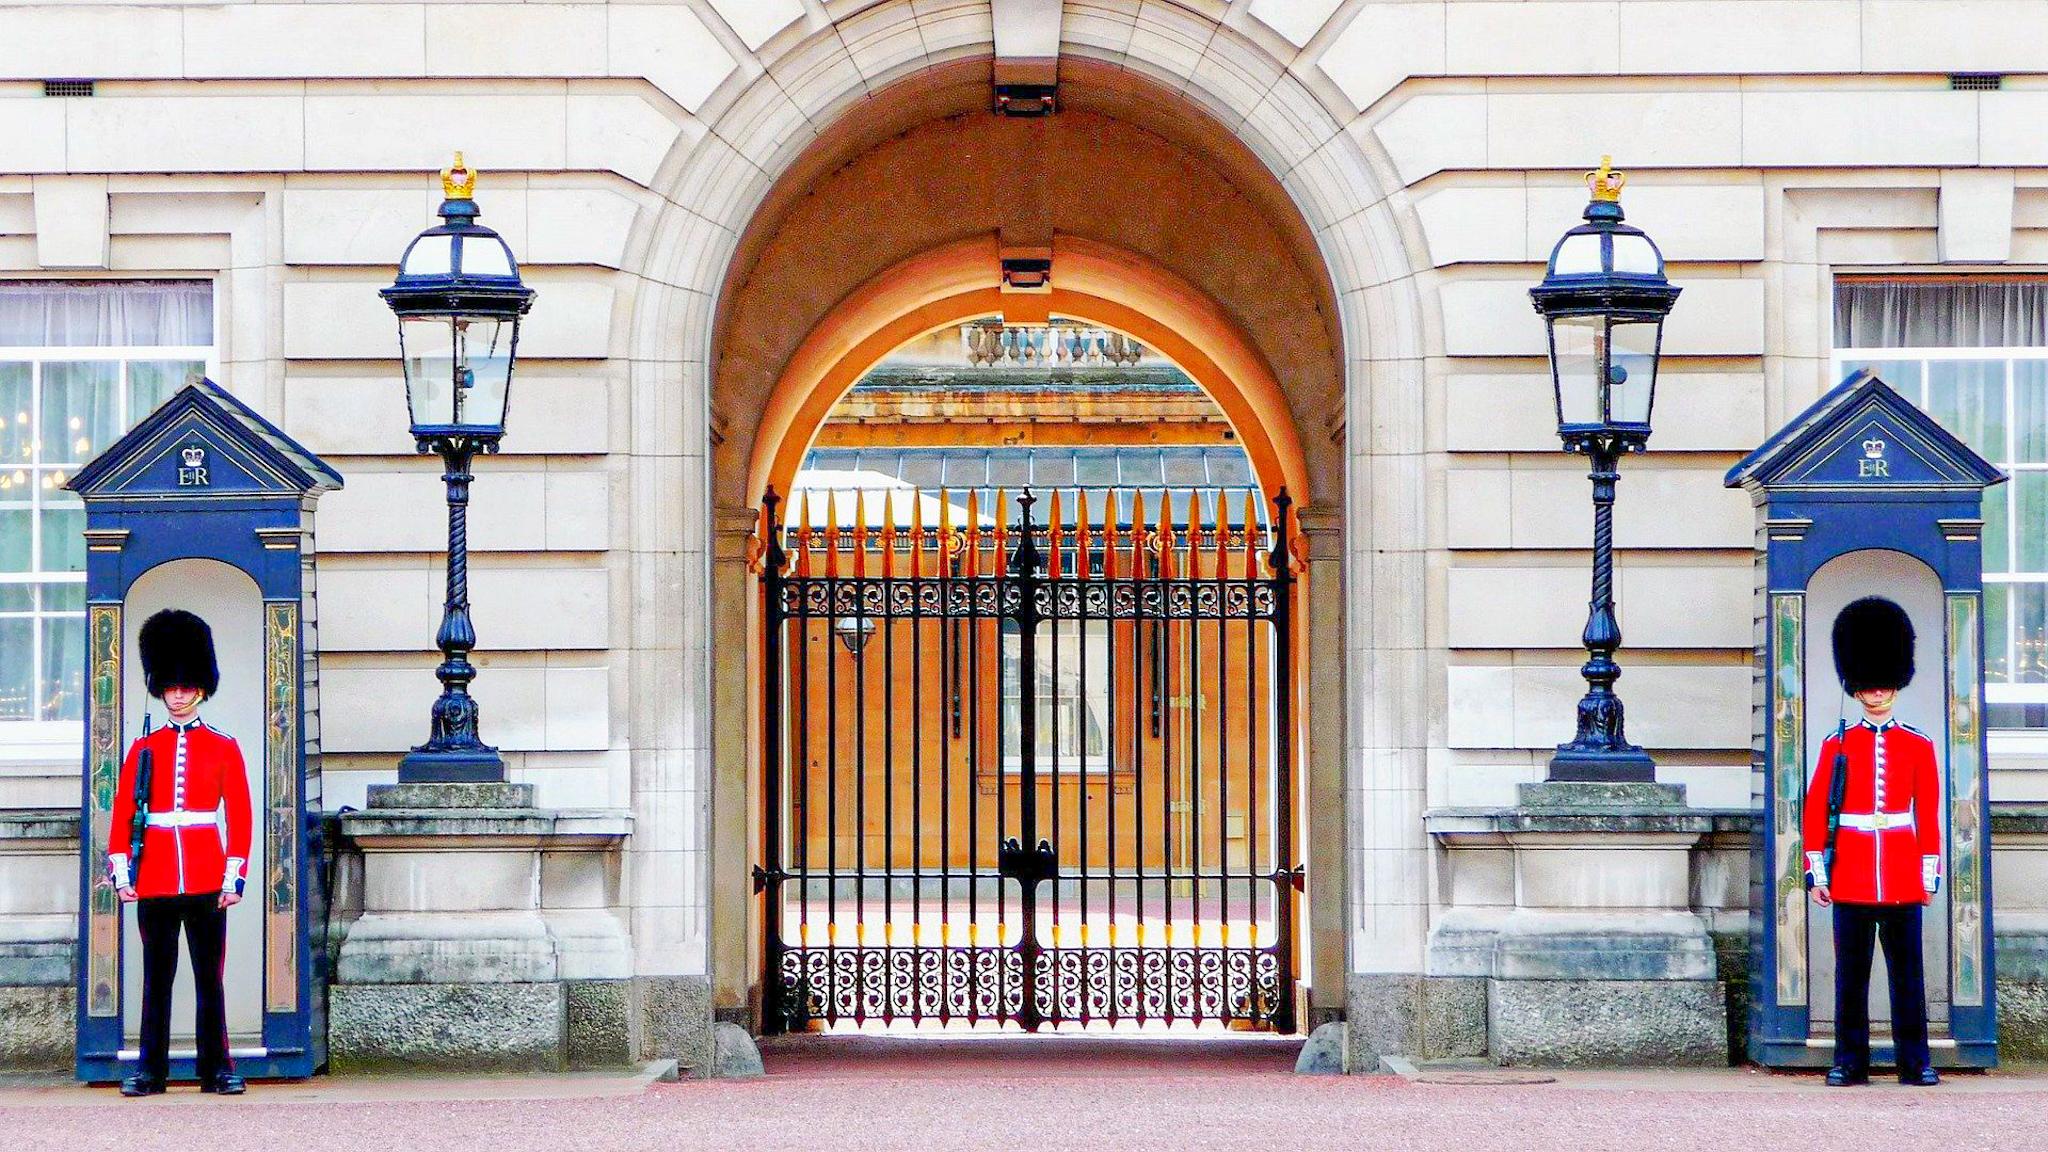 Las leyes más absurdas de Londres: guardia real en Buckingham palace